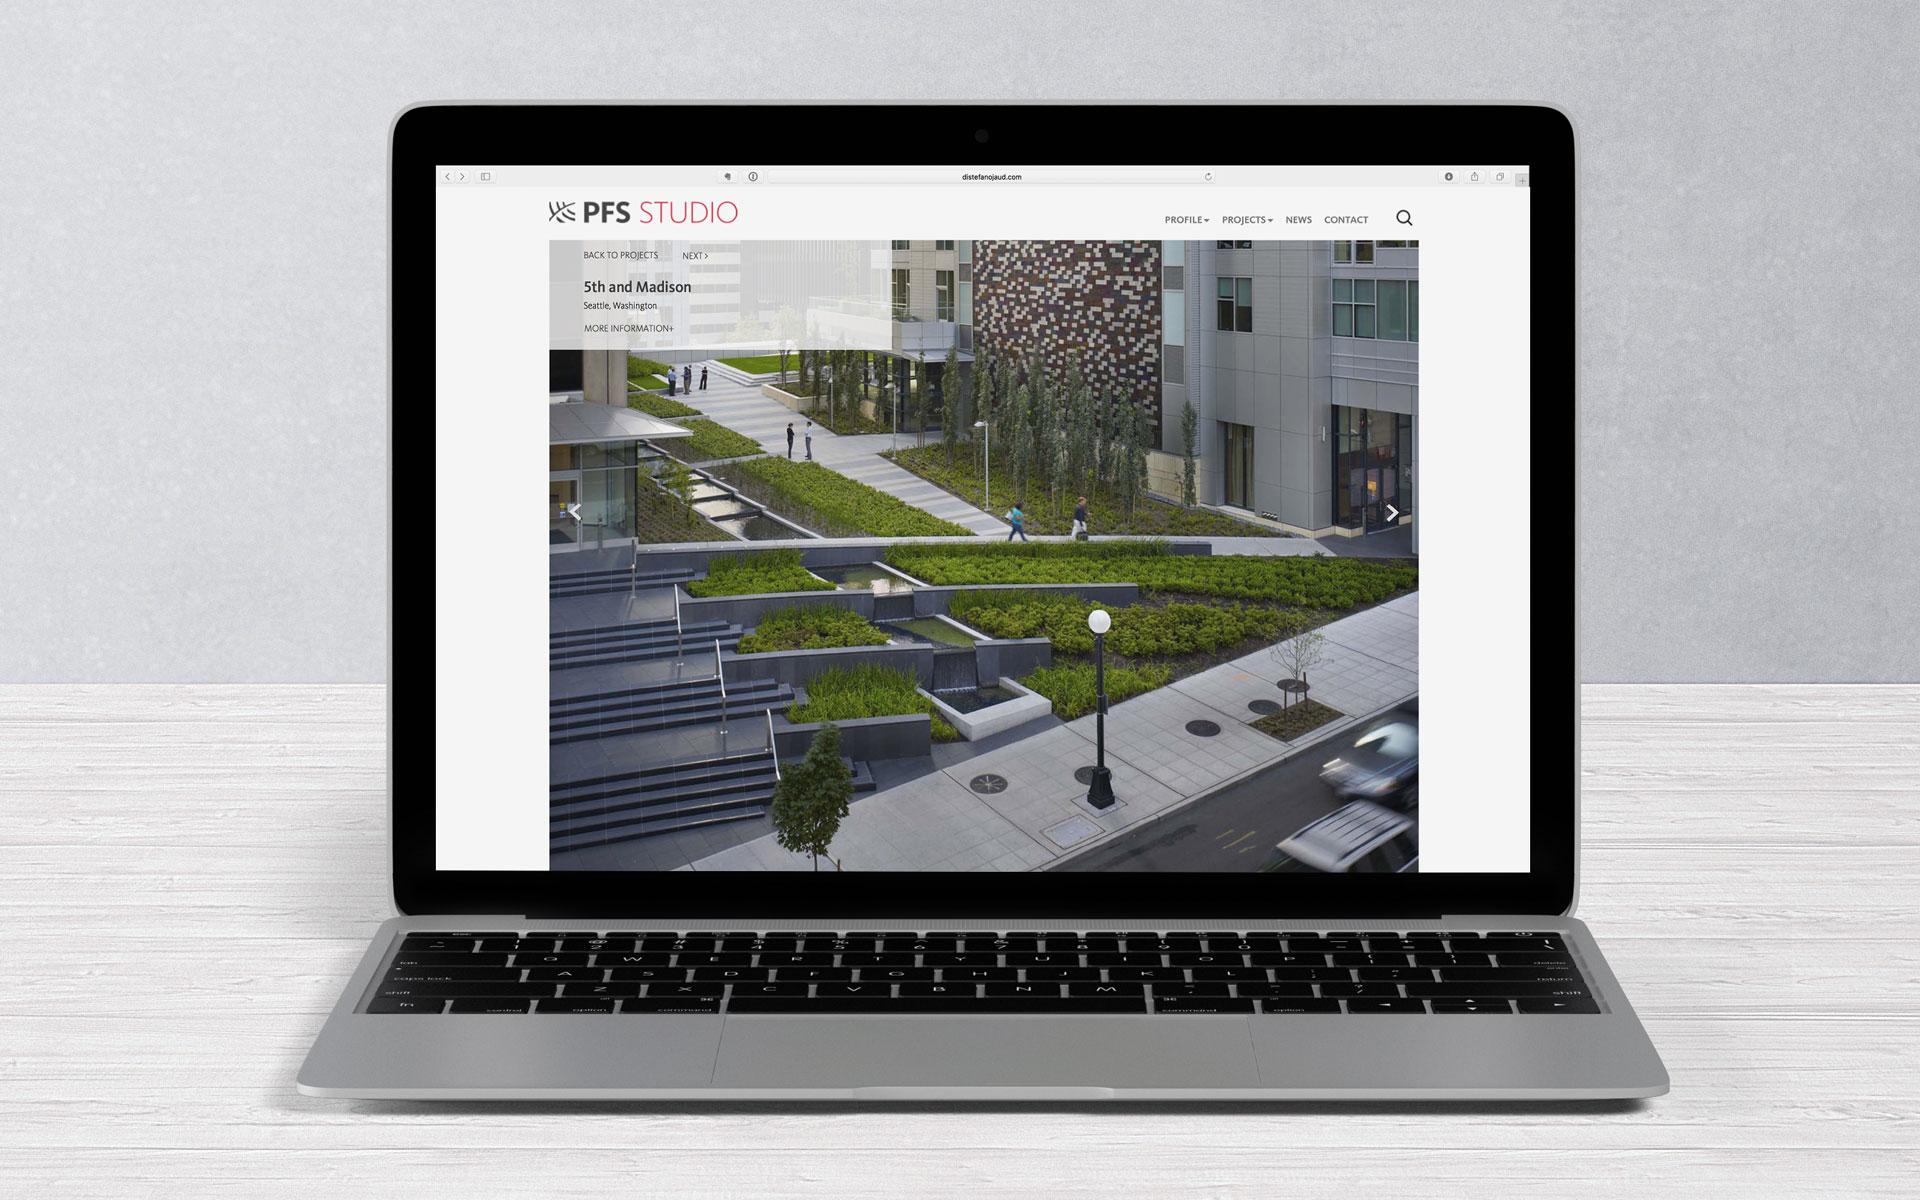 pfs-landscape-architecture-website-1